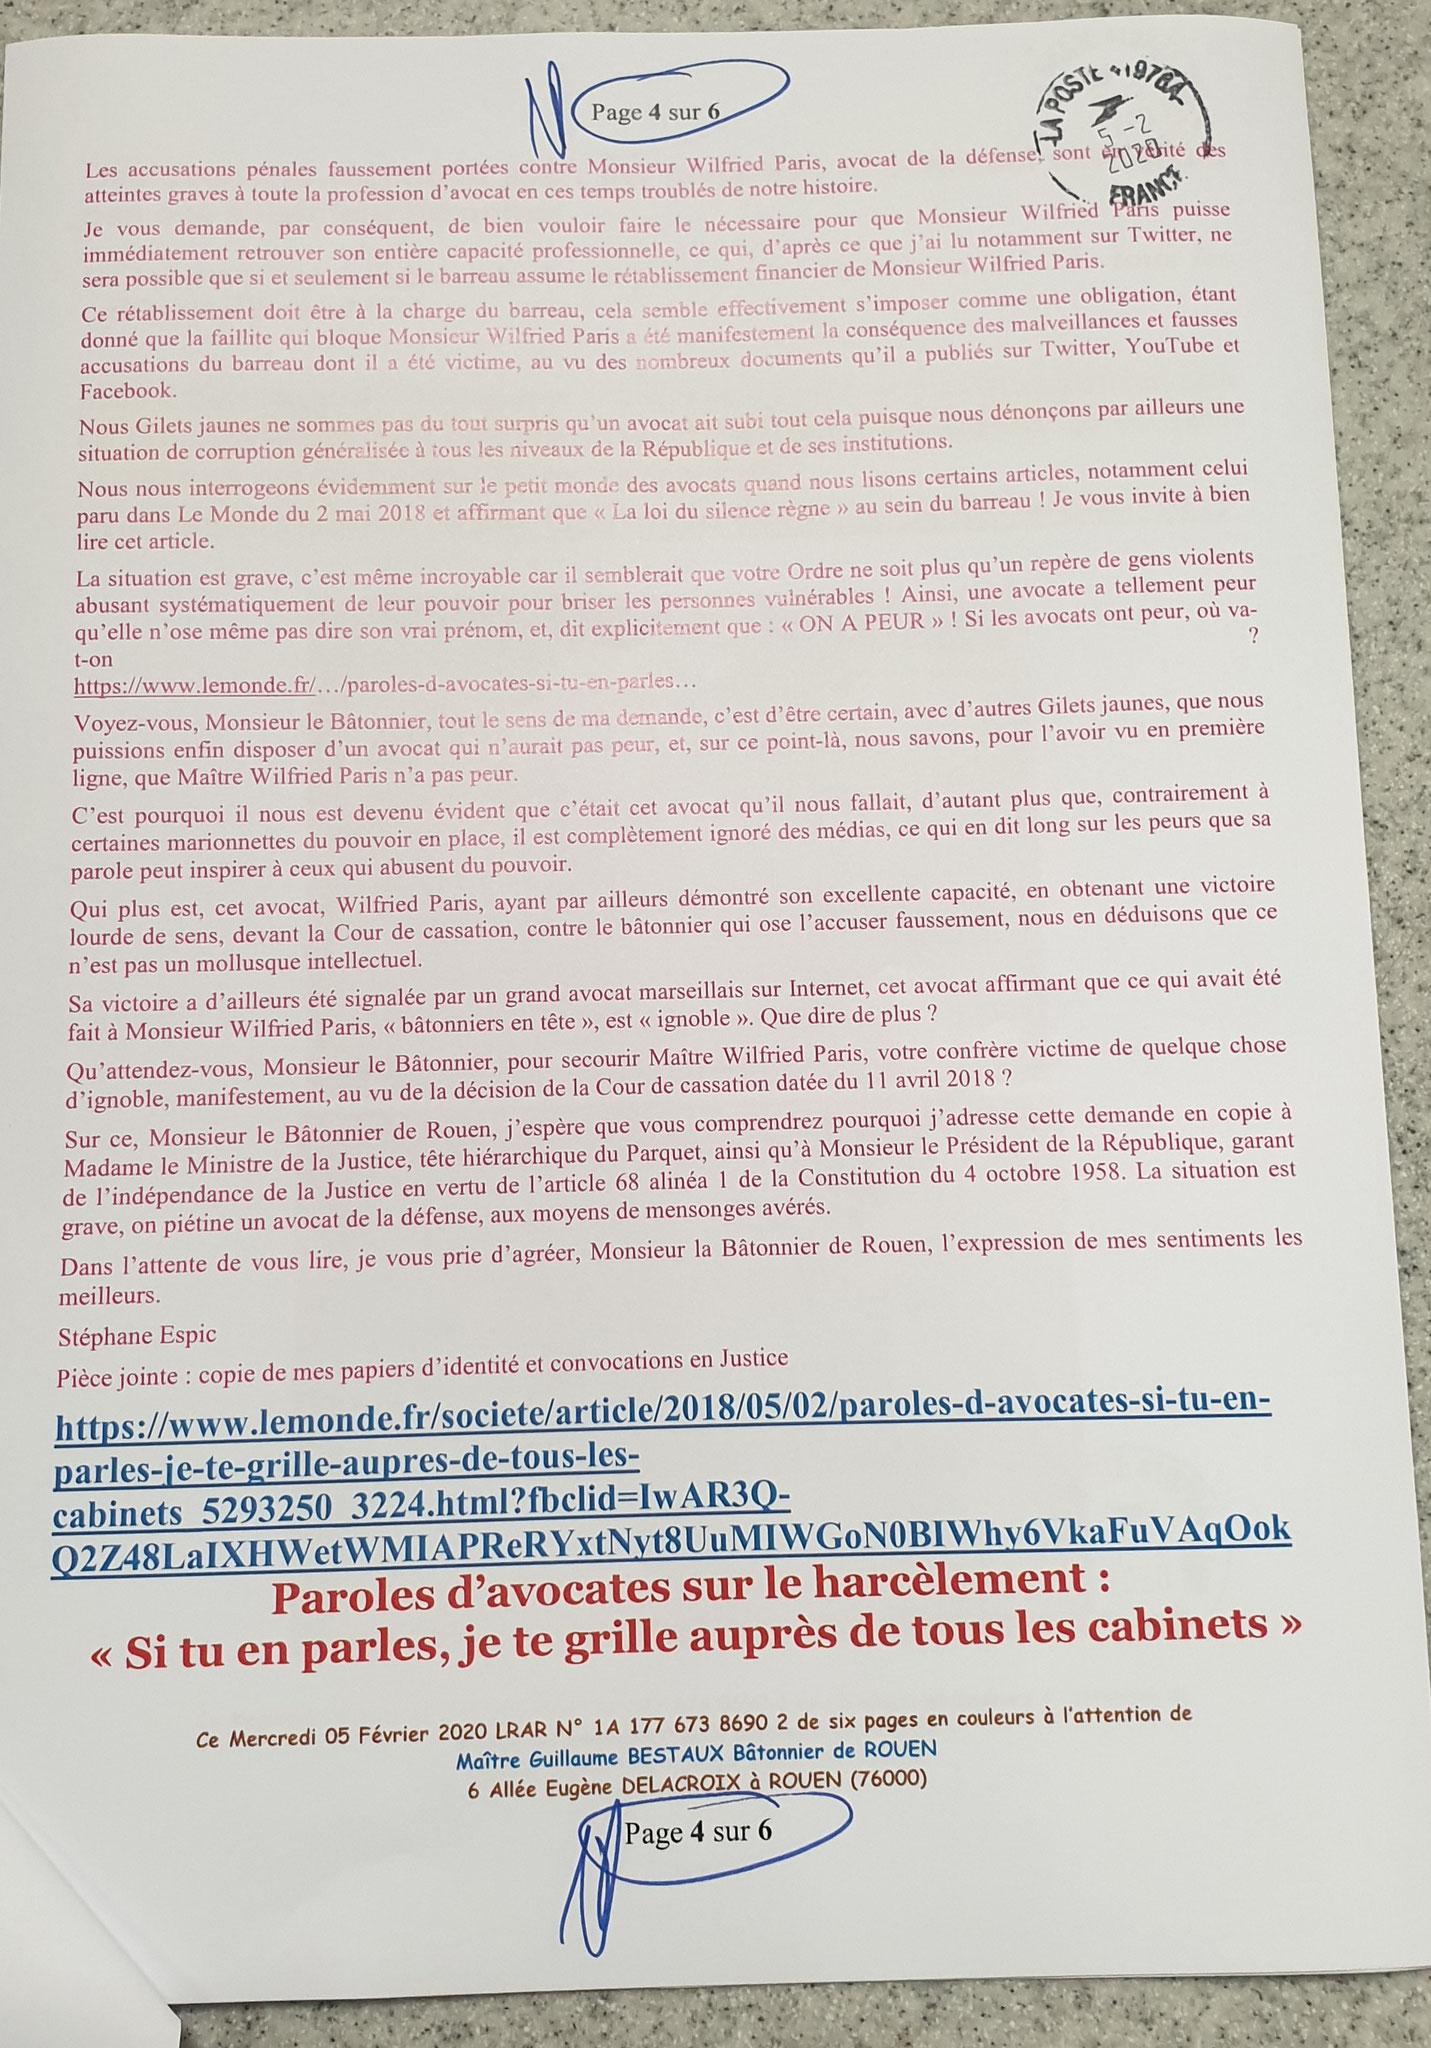 Accusé de Réception & Preuve de Dépôt Ma lettre recommandée du 05 Février 2020 N° 1A 177 673 8690 2 Page 4 sur 6 en couleurs www.jesuispatrick.fr